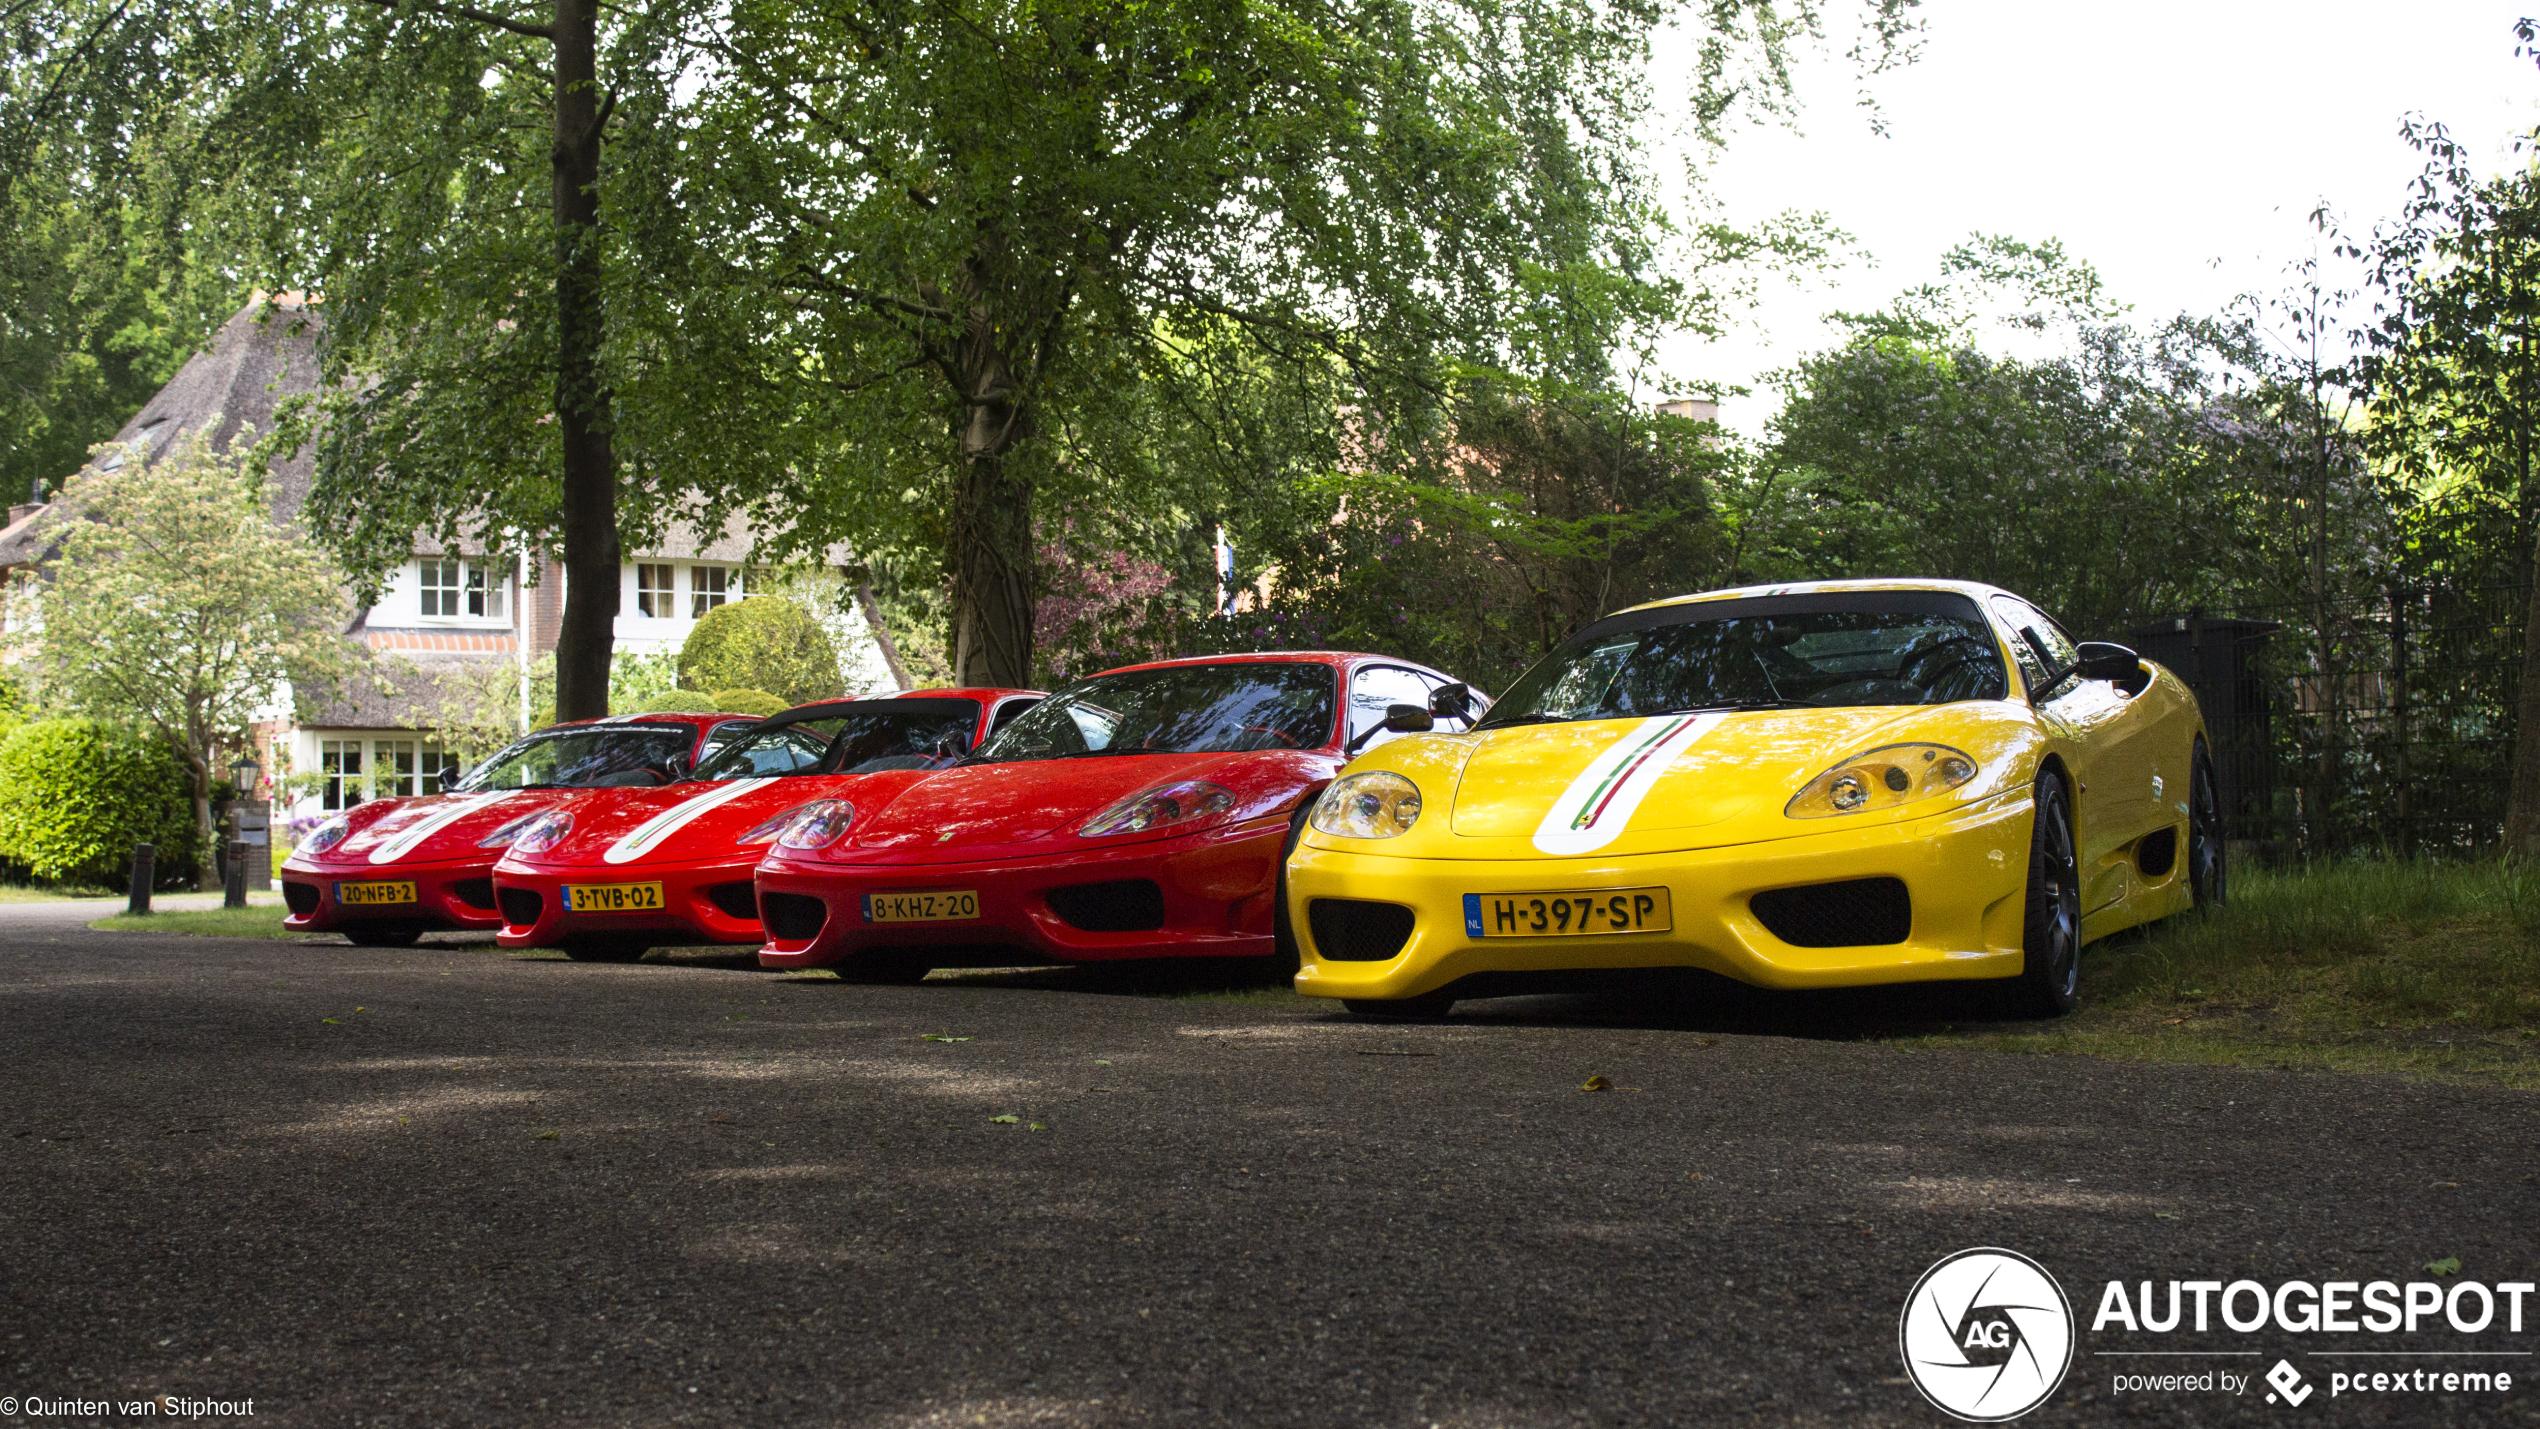 Spot van de dag: Ferrari Challenge Stradale combo!